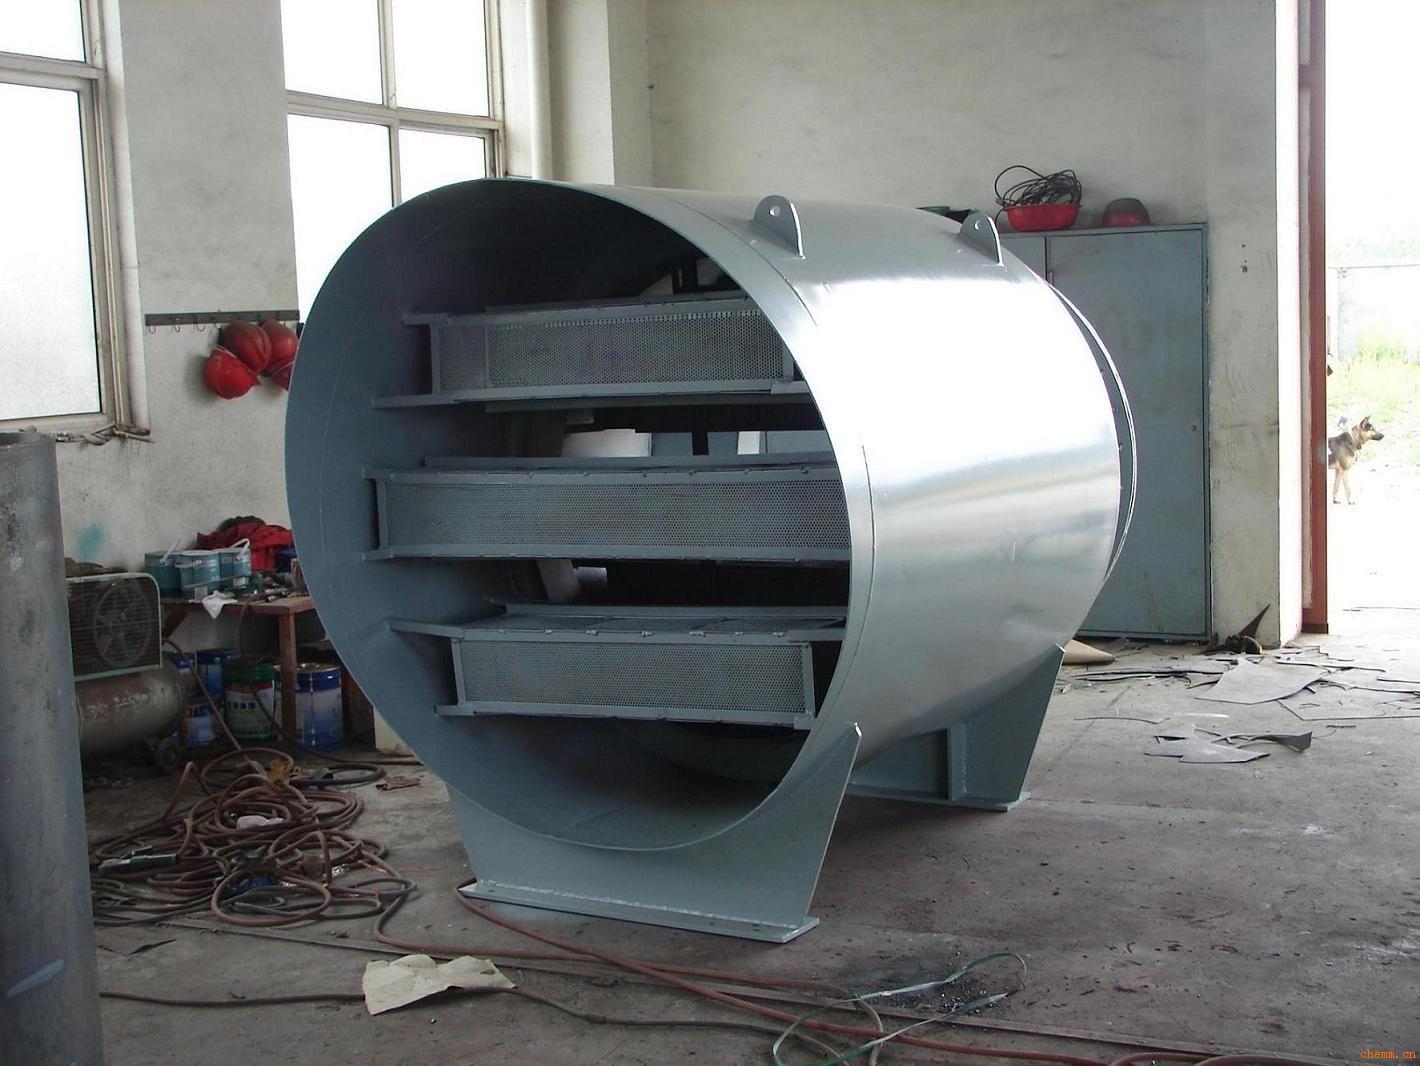 (TD型) 各工矿企业使用着大量01.3MPa及以下的低压锅炉,在电站热力系统中也有着大量的低压热力装置,如背压式汽轮机、除氧器、辅助气器、汽轮油泵、锅炉连续排污、定期排污膨胀器等。上述设备的排汽管要求配置结构轻便、安装更方便的消音器。本厂针对不同的消声对象,设计有专用的除氧器系列、背压式汽轮几系列及其它系列产品,可满足用户的要求。 上述排汽消音器其消声效果能满足《工业企业噪声卫生标准》的要求,已在国内获得了广泛的应用。 用于N3型汽轮机,20T/H低压锅炉过热器蒸汽排放。锅炉压力13at,蒸发两20T/